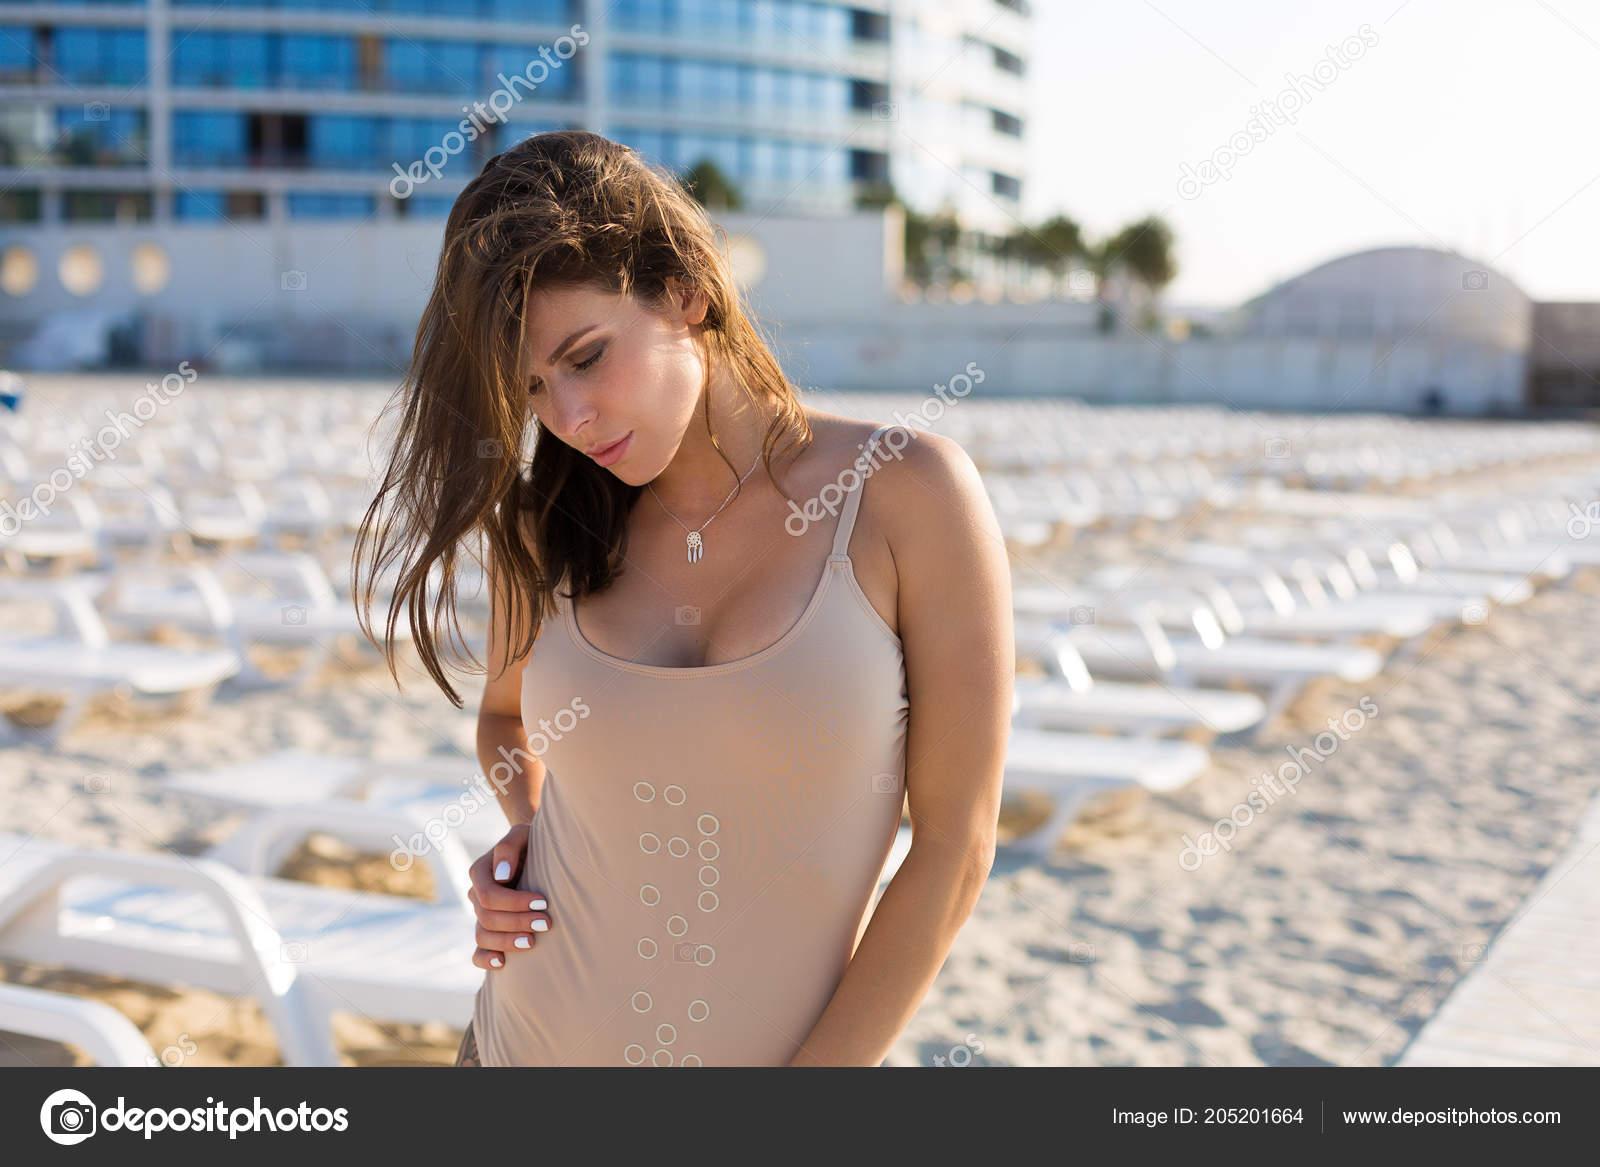 Mujer Vestida Con Traje Baño Desnuda Playa Verano Foto De Stock